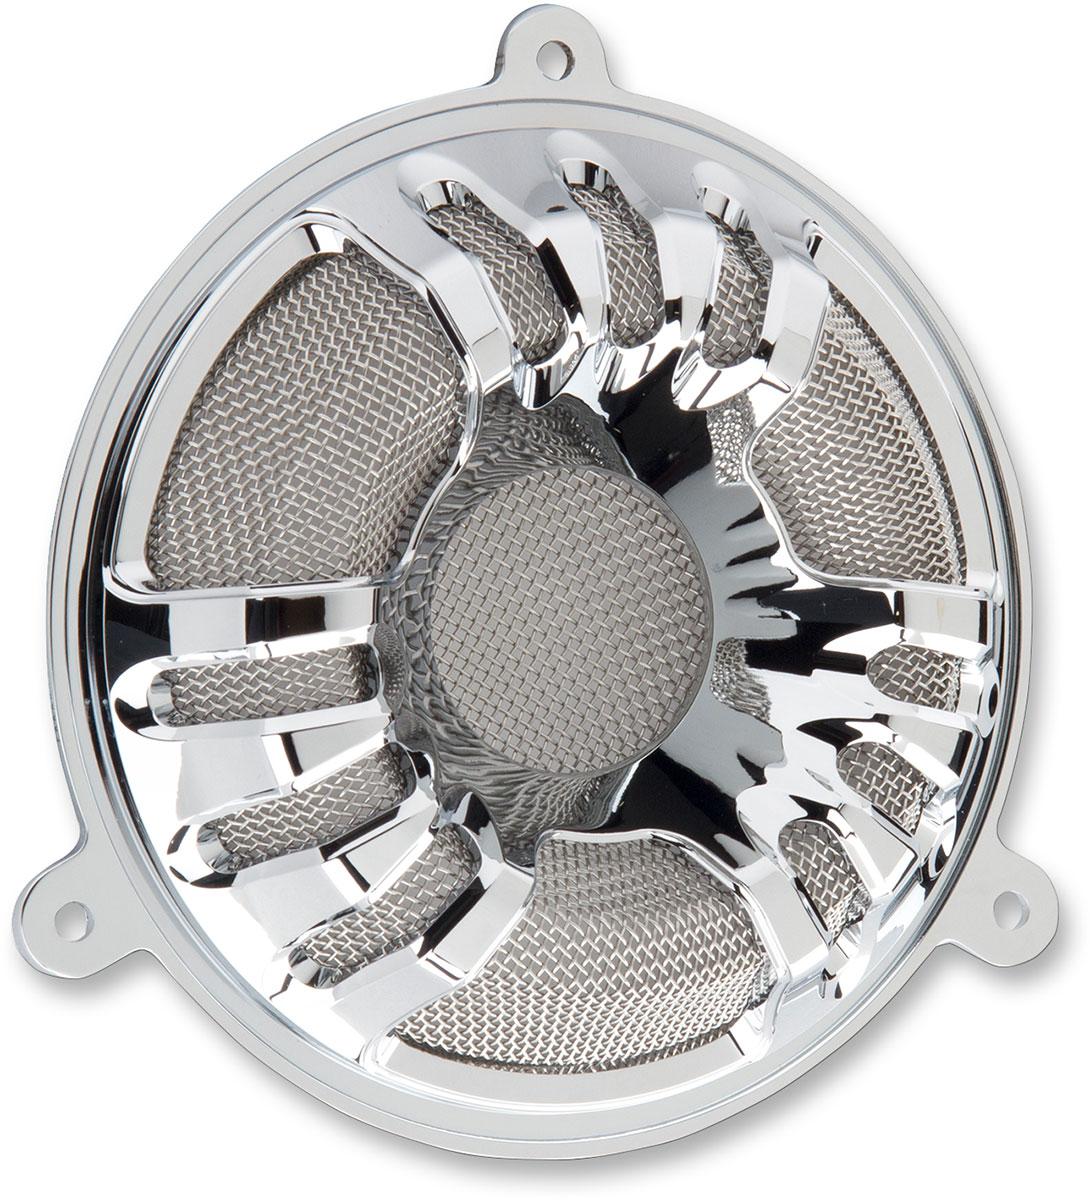 Arlen Ness - 03-907 - Deep Cut Speaker Grills, Chrome